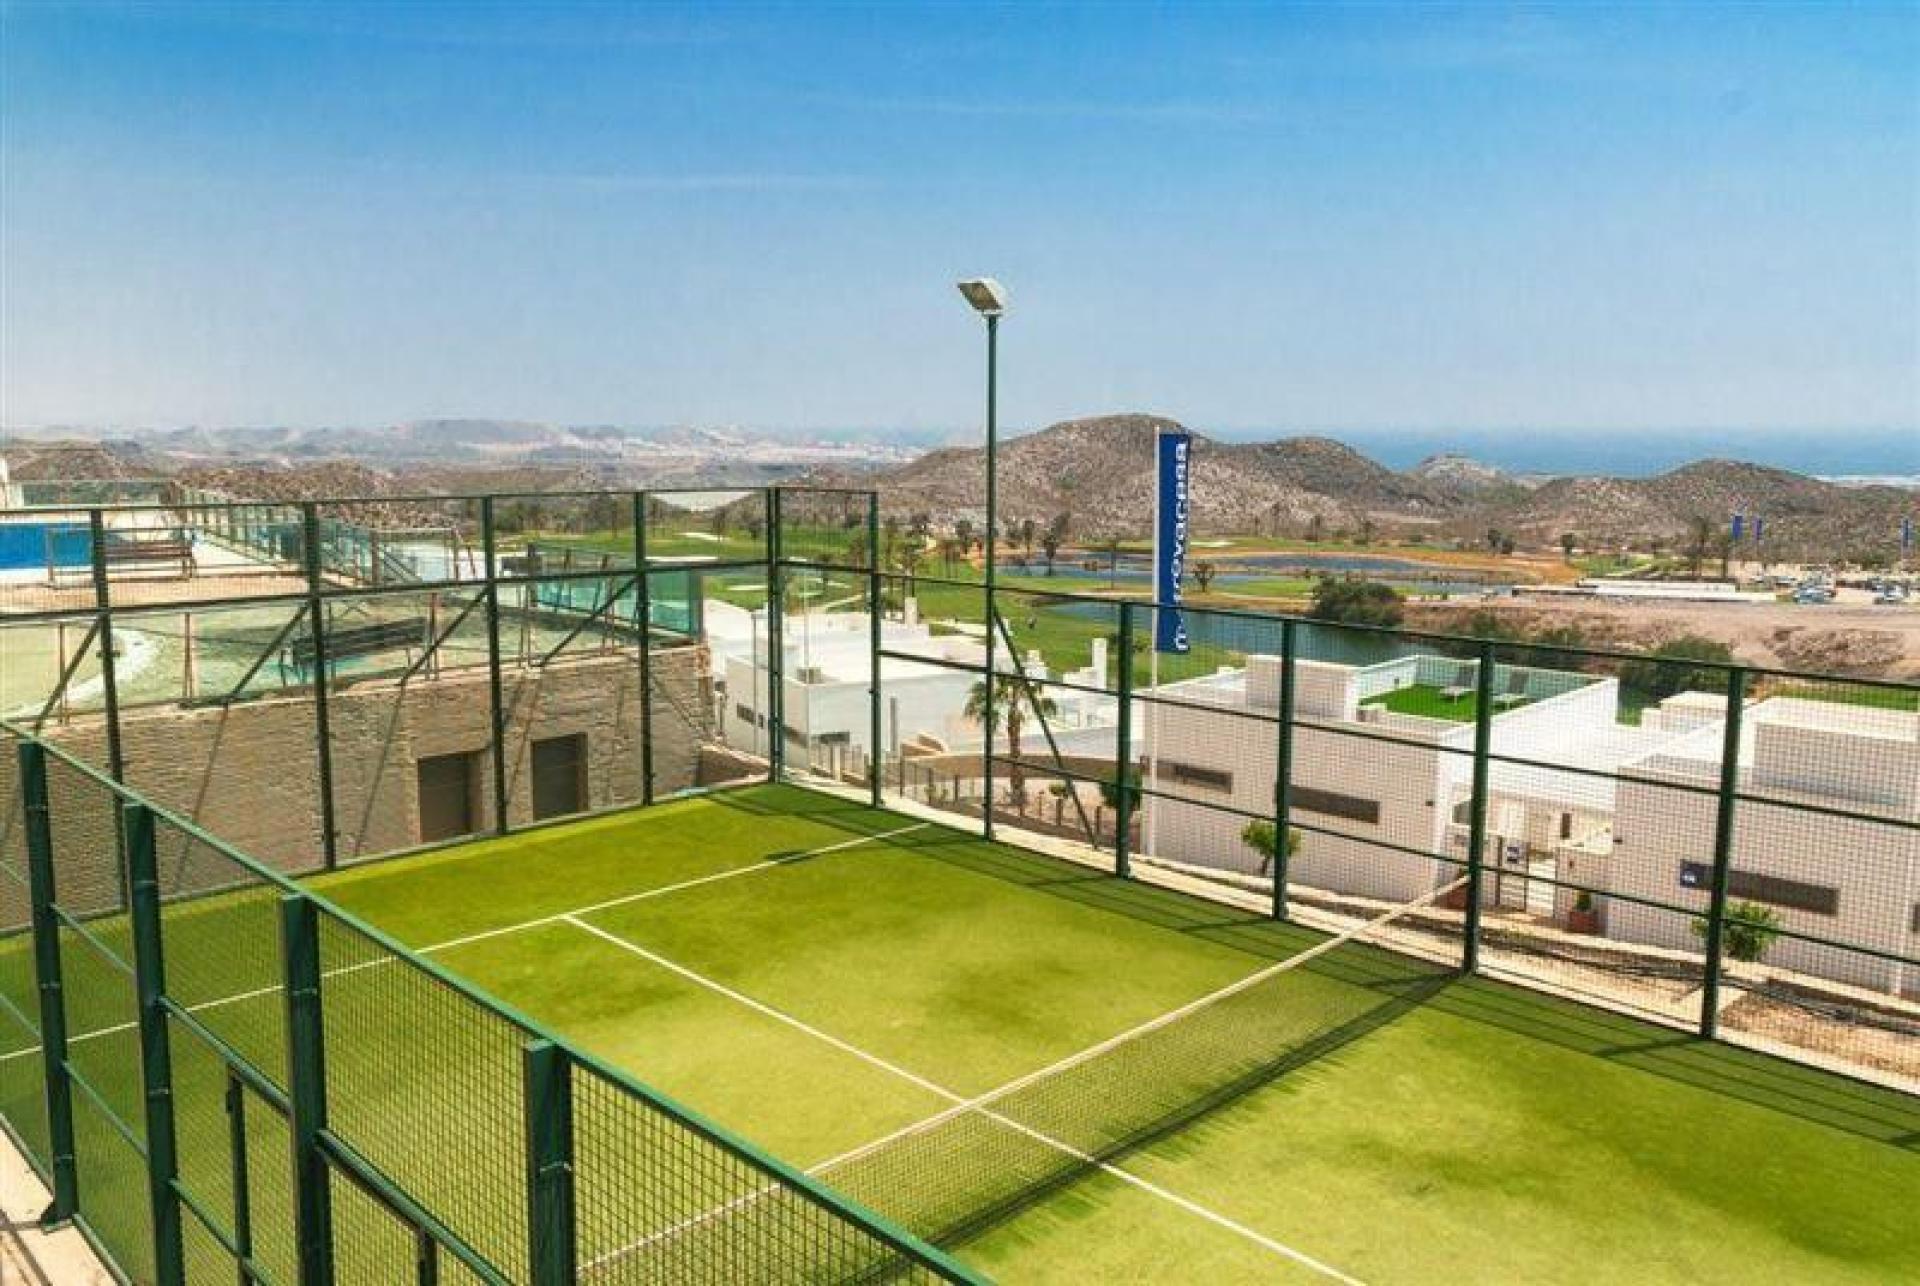 2 Slaapkamer Appartement met terras in San Juan de los Terreros - Nieuwbouw in Medvilla Spanje